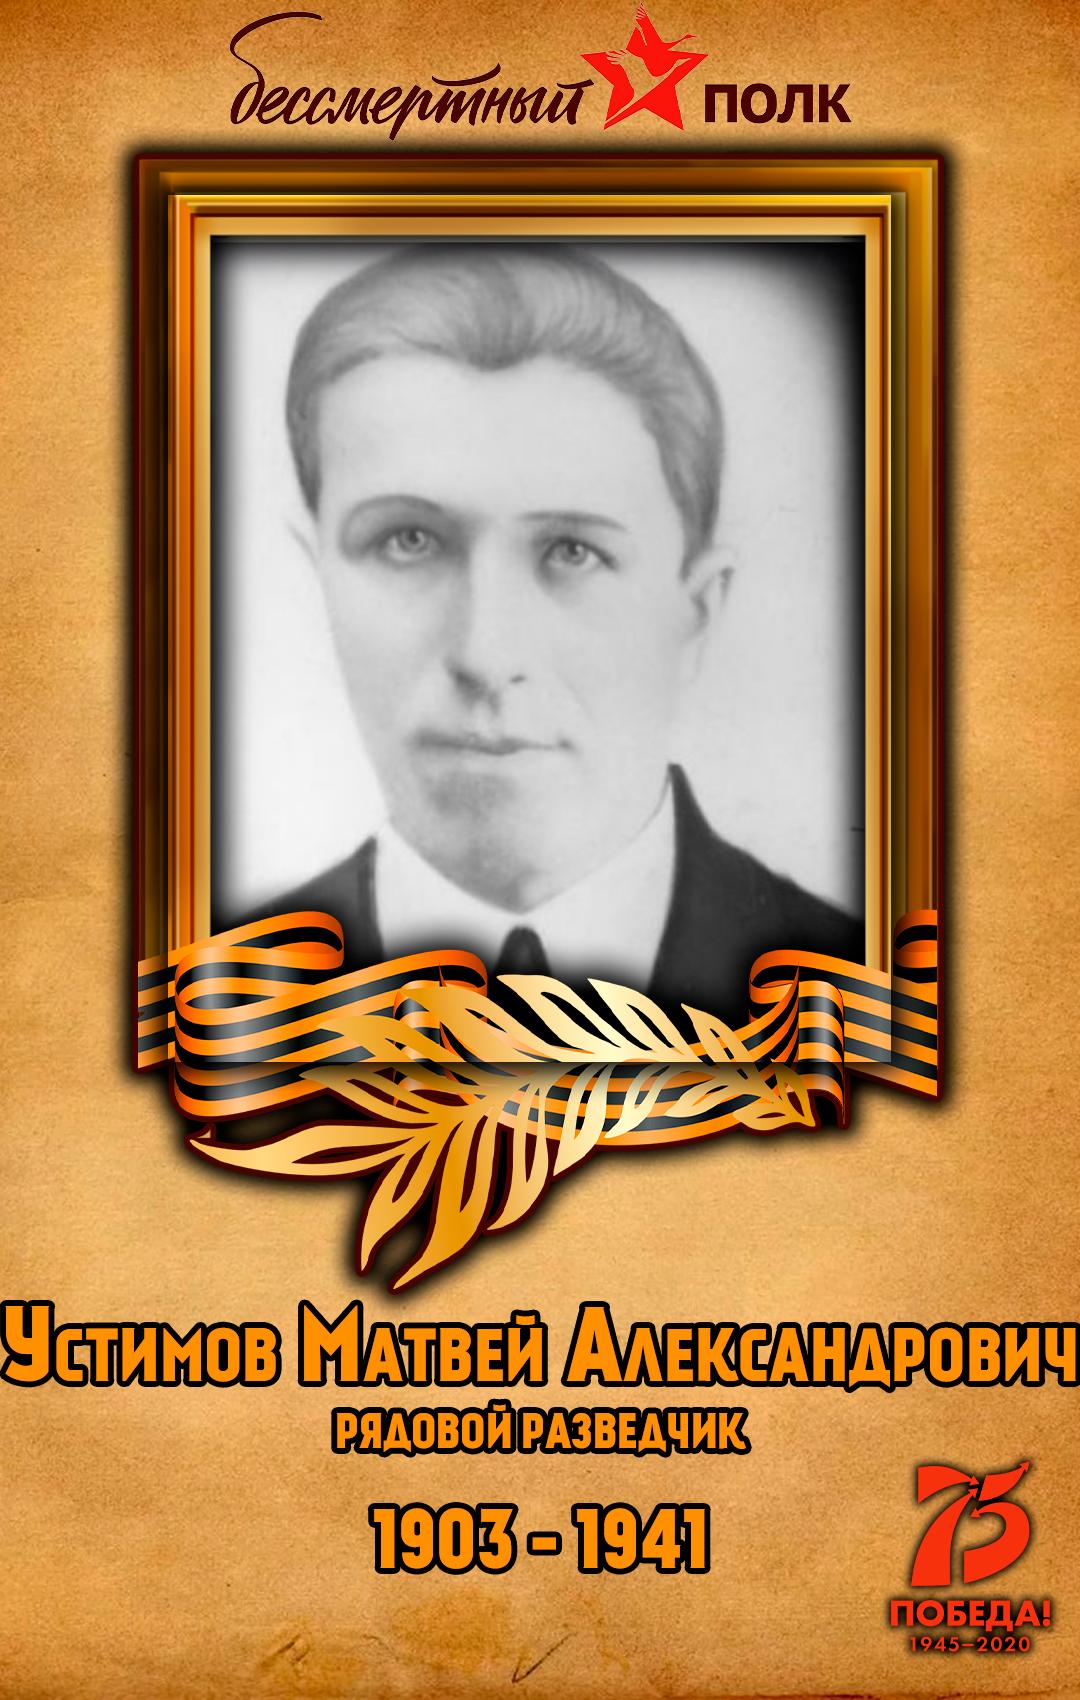 Устимов-Матвей-Александрович